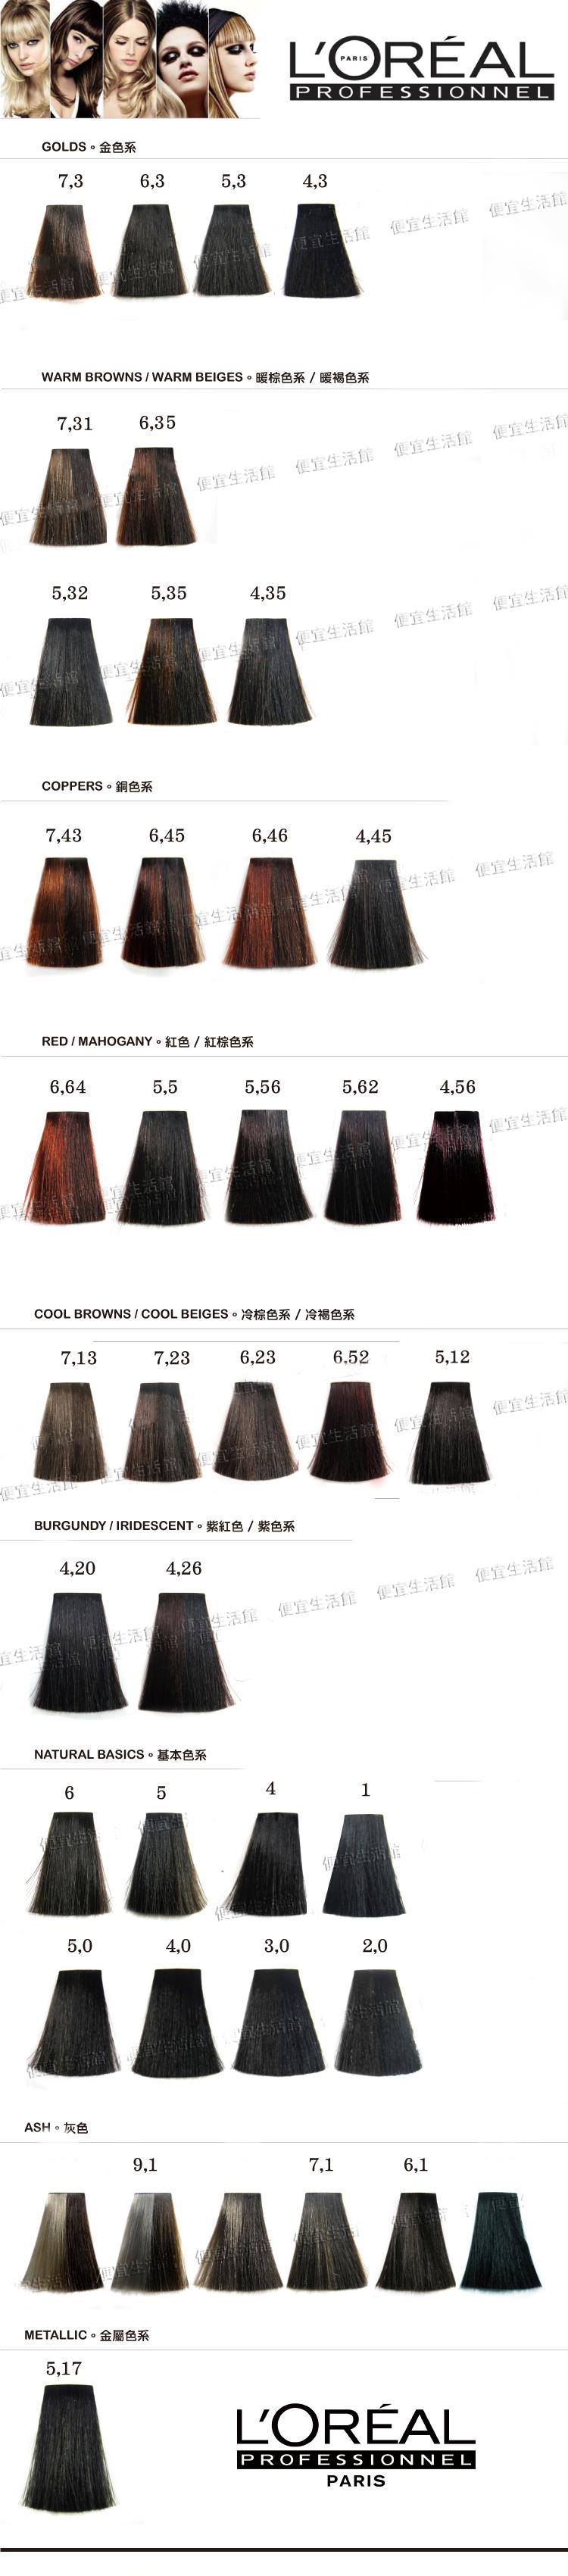 便宜生活館【燙染劑】萊雅L OREAL 專業護髮染膏iNOA 二代 (伊諾雅染髮膏)提供全系多色澤 (新科技) 可超取